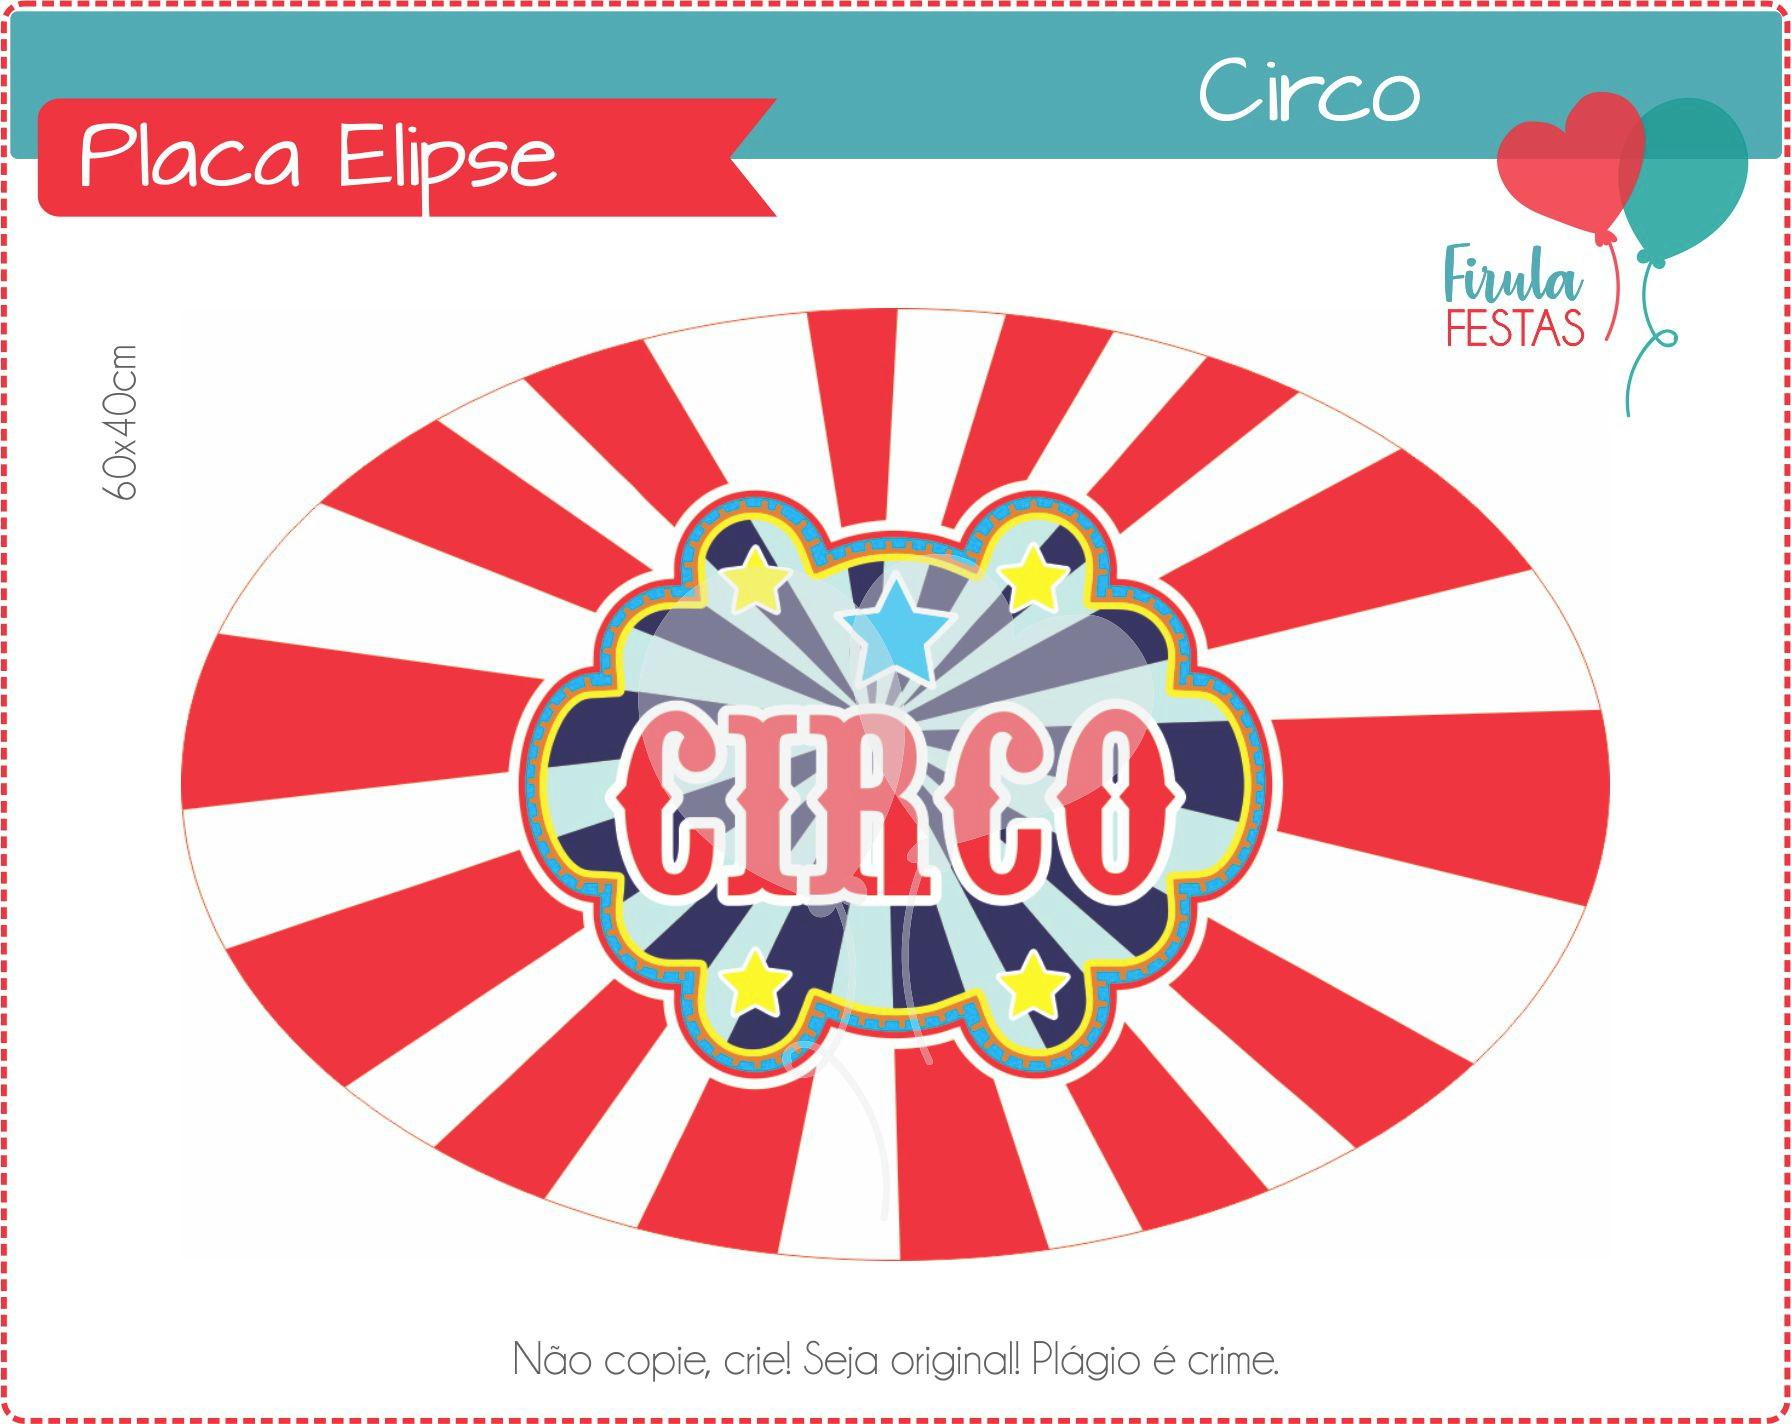 Elipse Placa Circo  f8fec33fcb56a